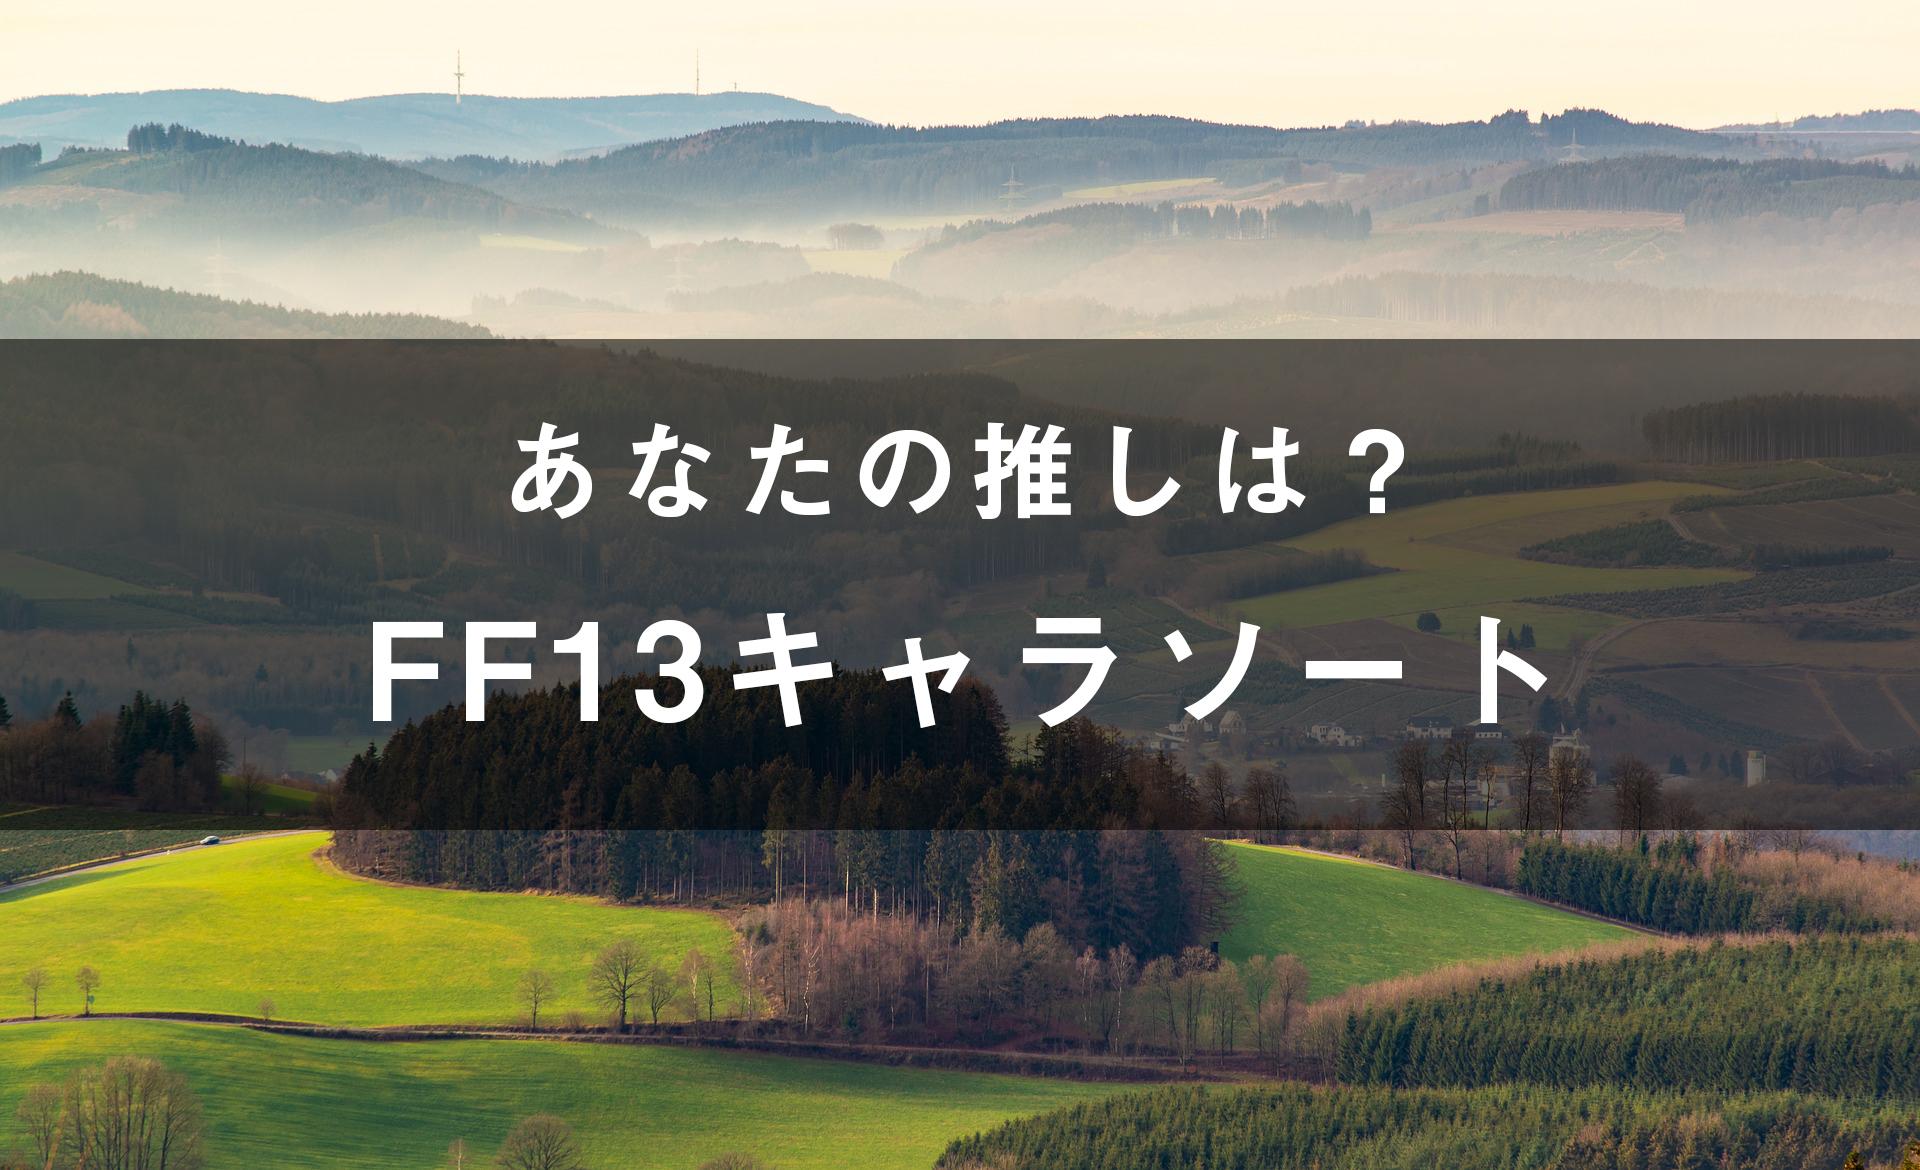 「ファイナルファンタジー13」のキャラソート(画像付き)